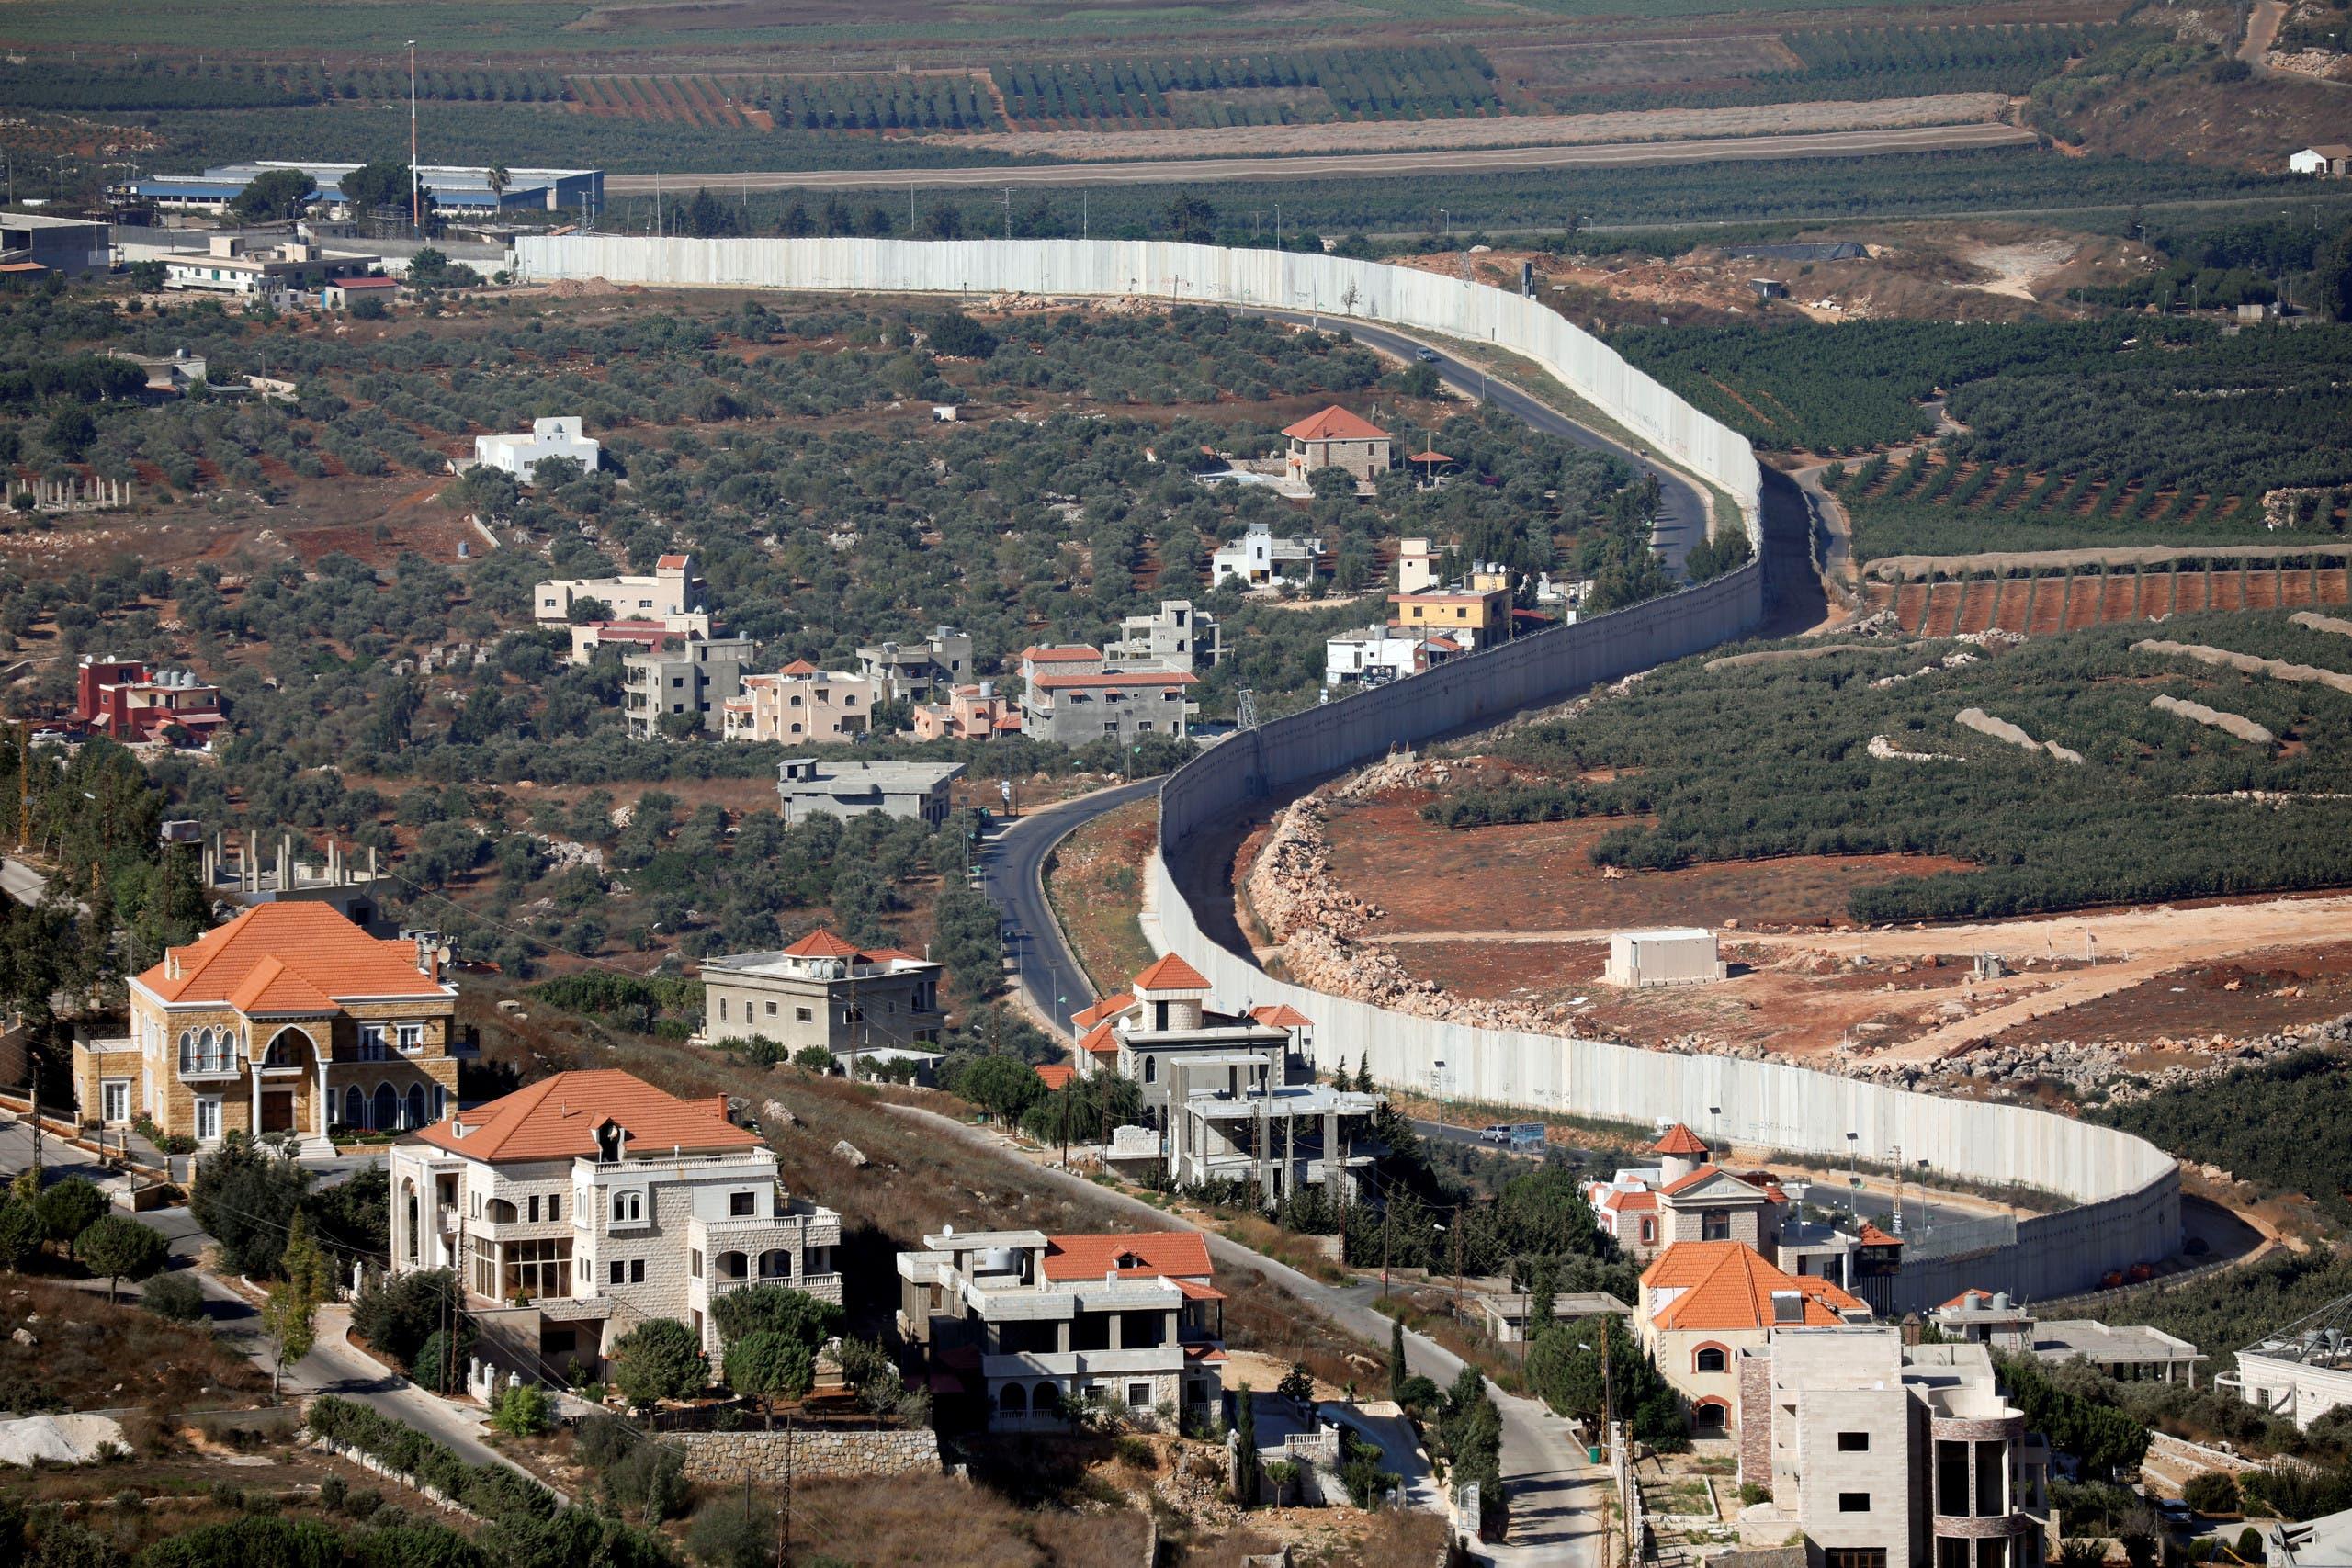 الحدود اللبنانية الإسرائيلية (رويترز)